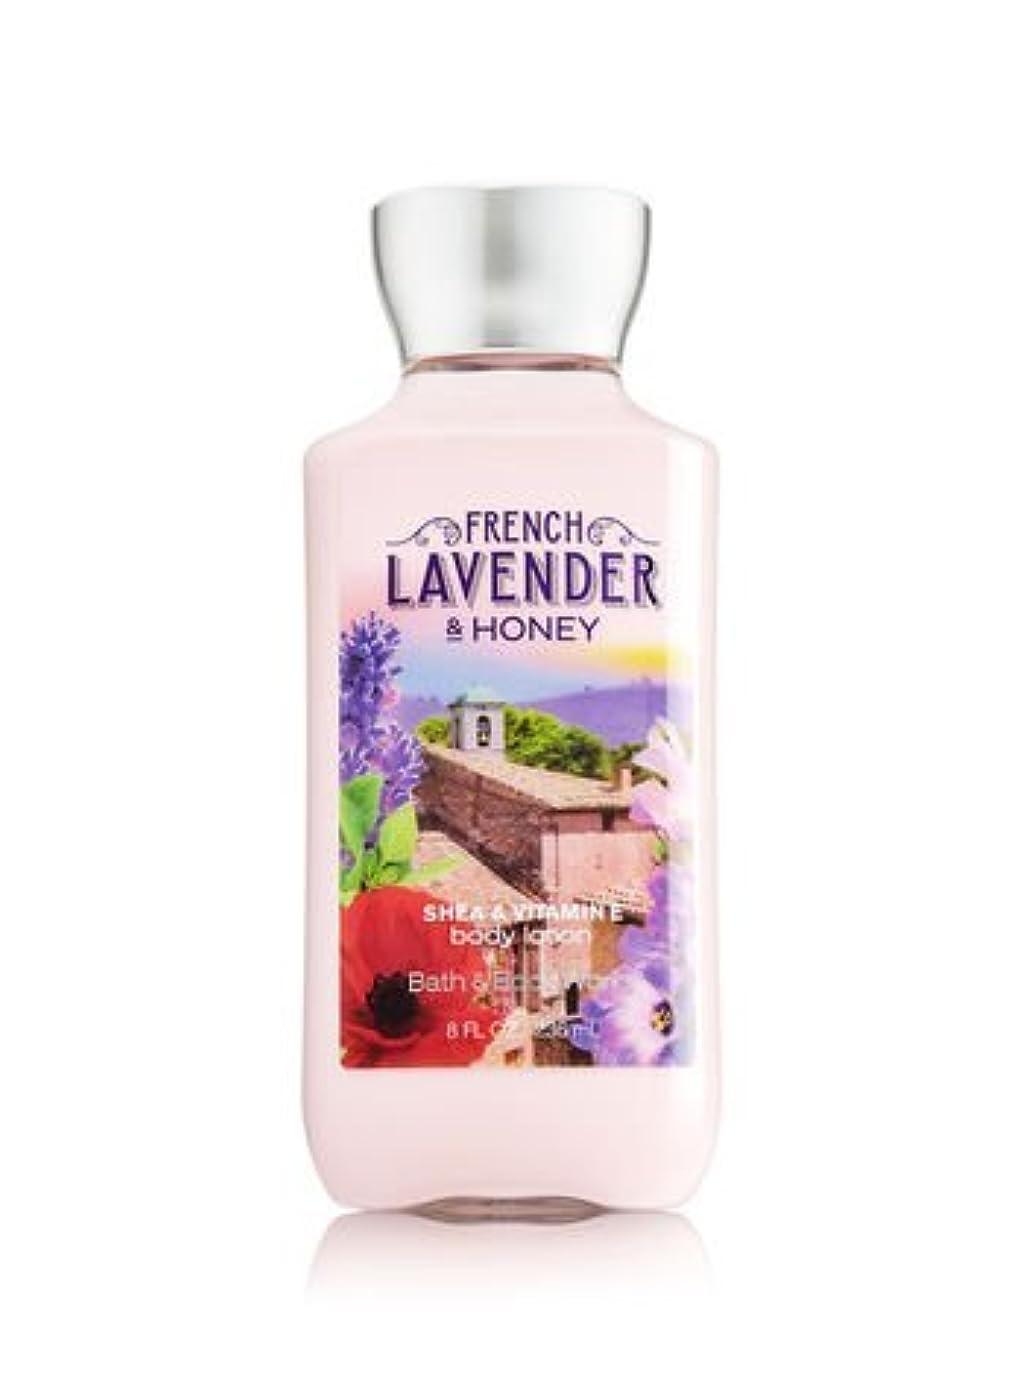 ディンカルビル部分玉ねぎ【Bath&Body Works/バス&ボディワークス】 ボディローション フレンチラベンダー&ハニー Body Lotion French Lavender & Honey 8 fl oz / 236 mL [並行輸入品]